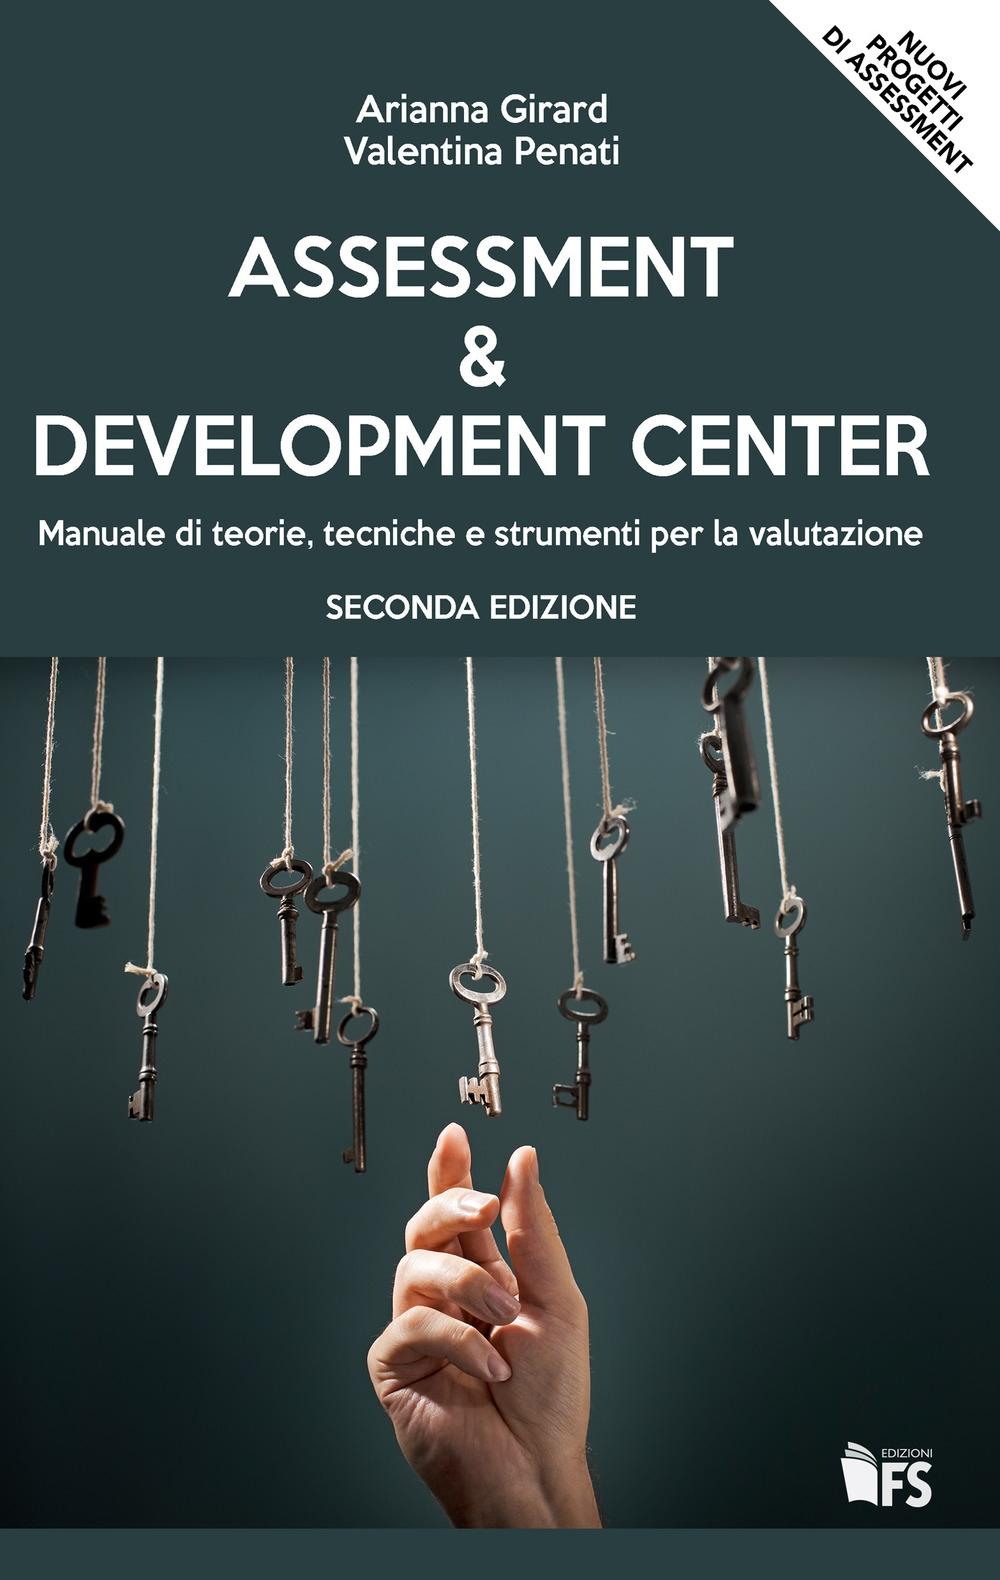 Assessment & development center. Manuale di teorie, tecniche e strumenti per la valutazione